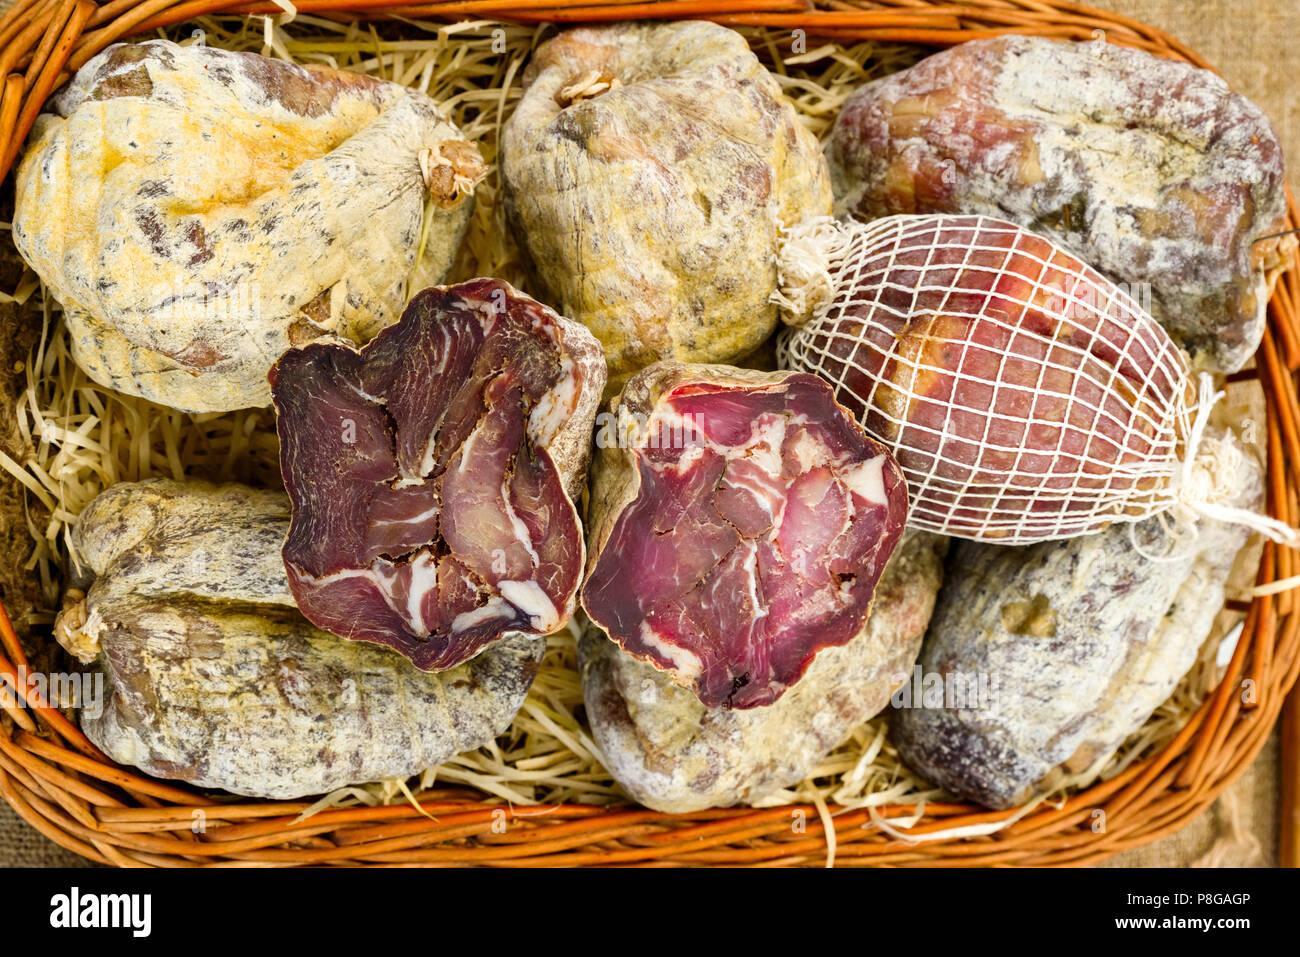 Rohen geräucherten Fleisch in der wicker Net Stockbild